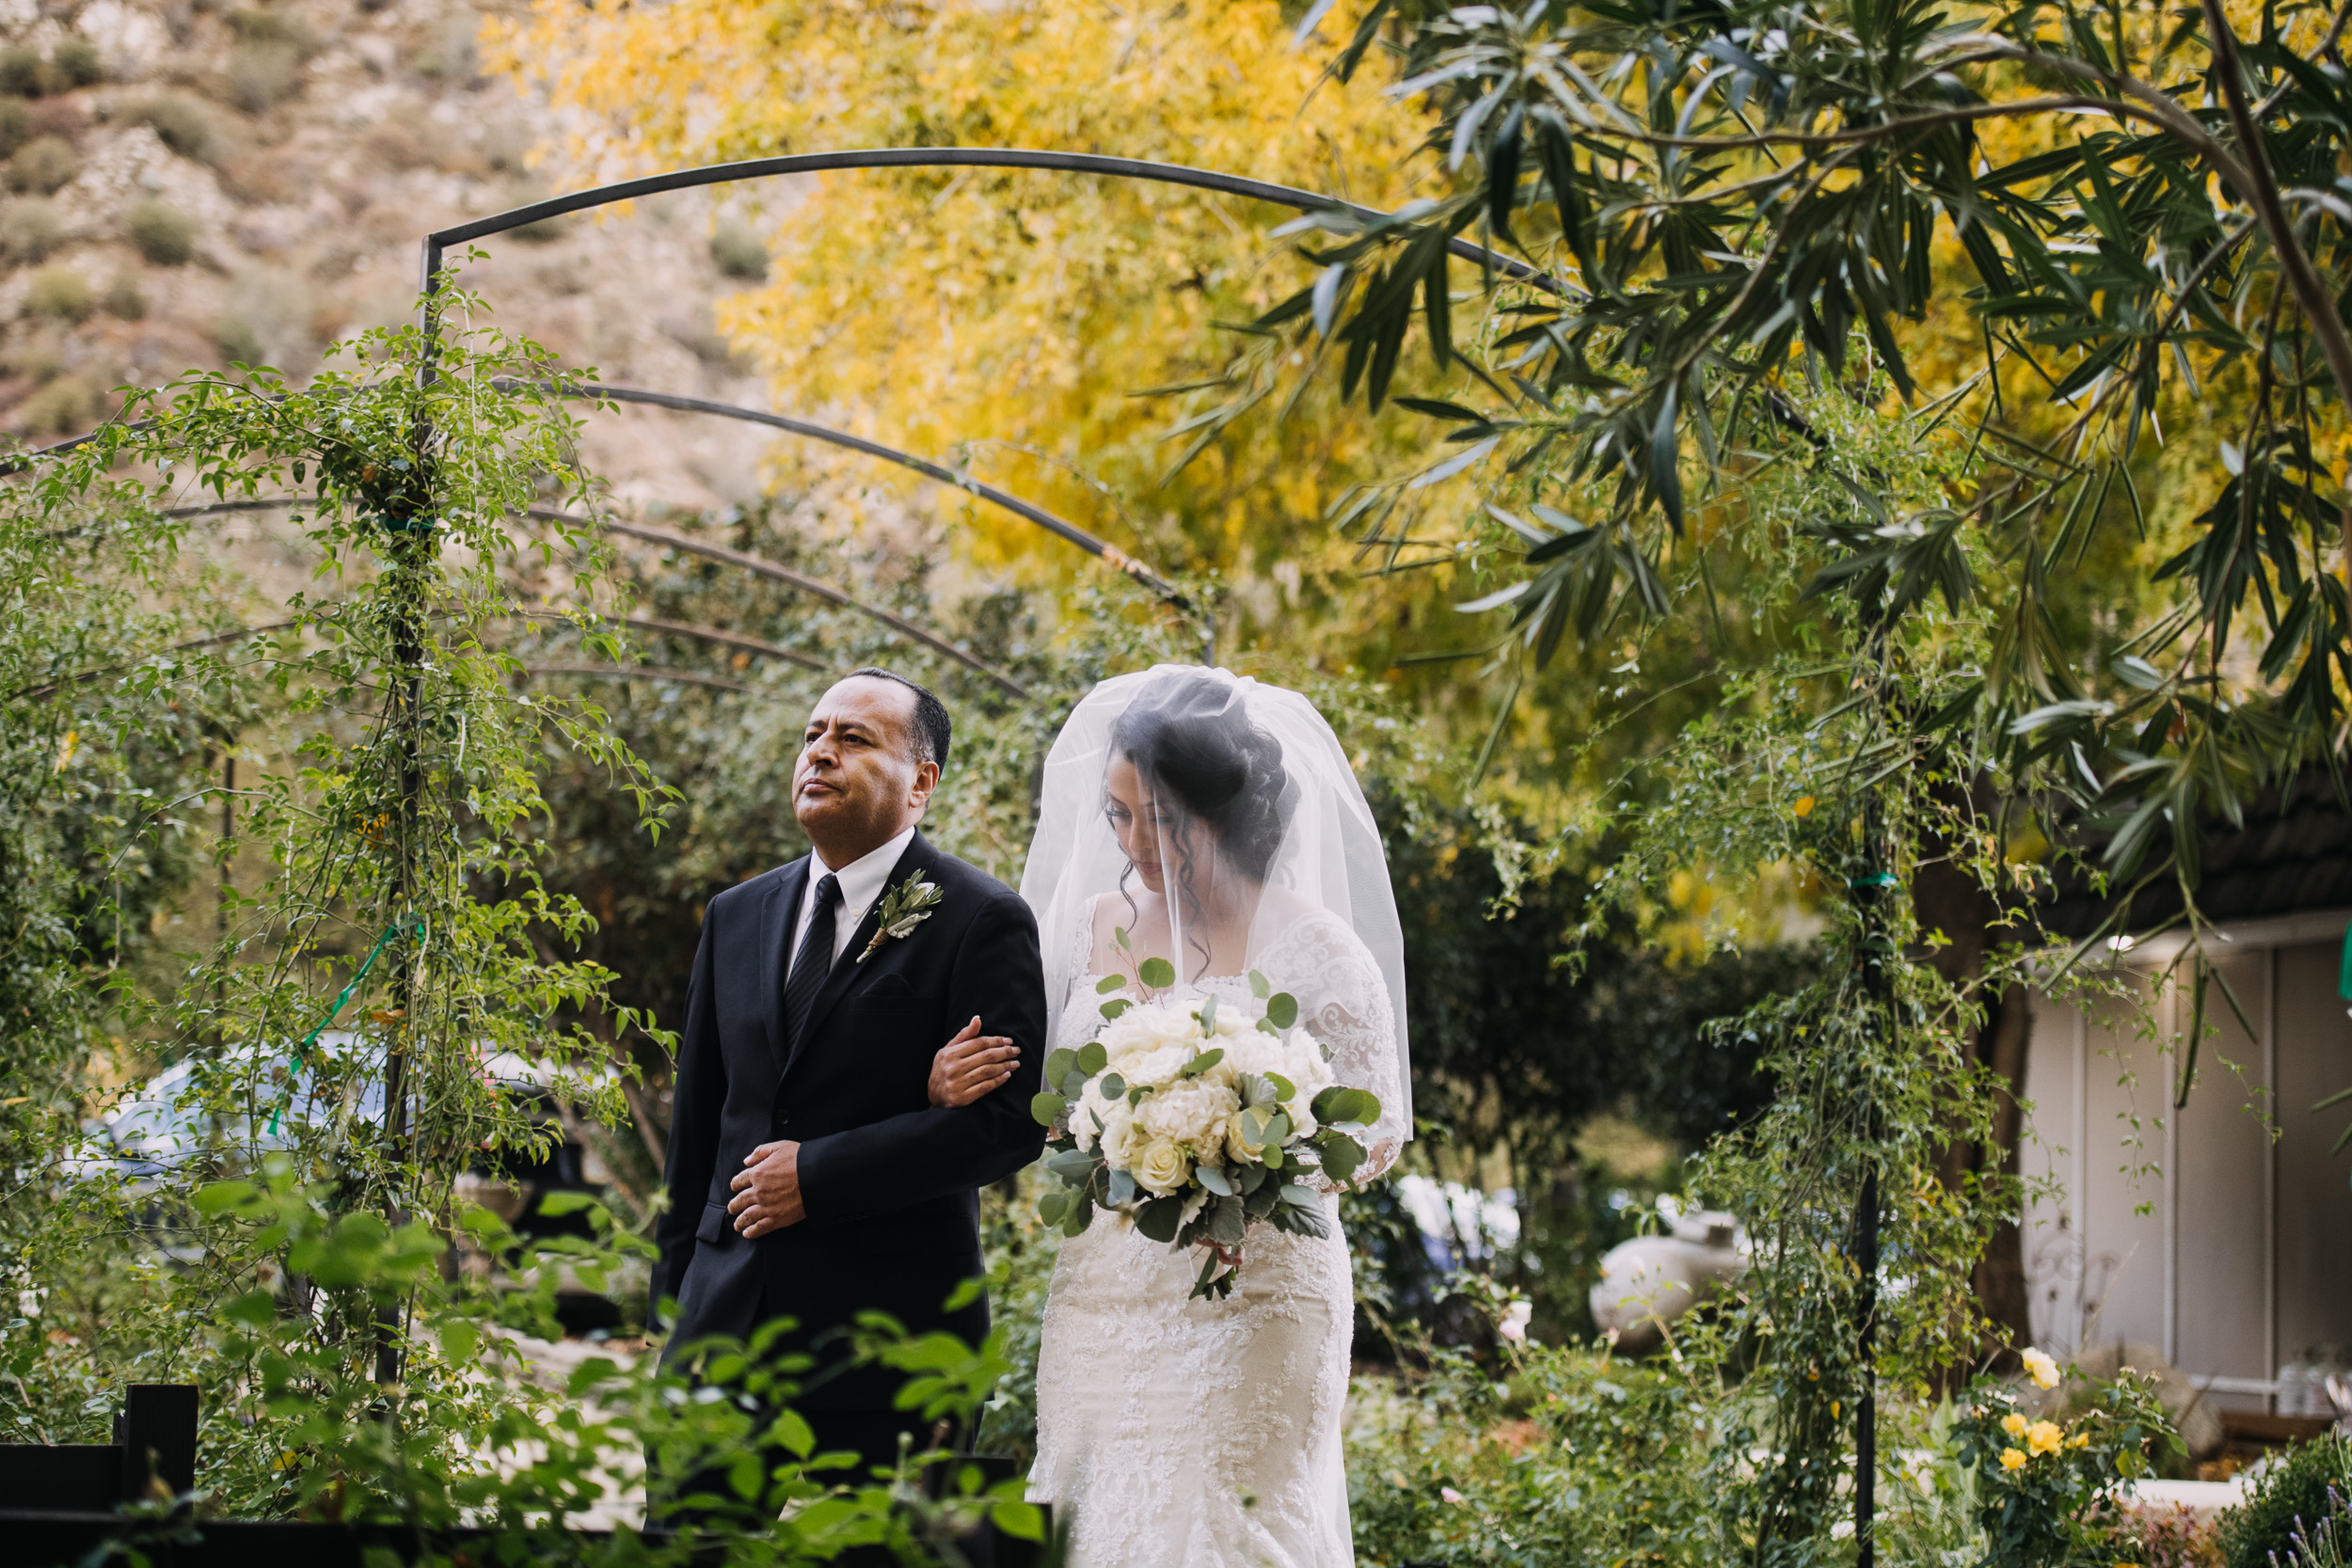 YeseniaEdgar - WeddingTeaser-12.jpg